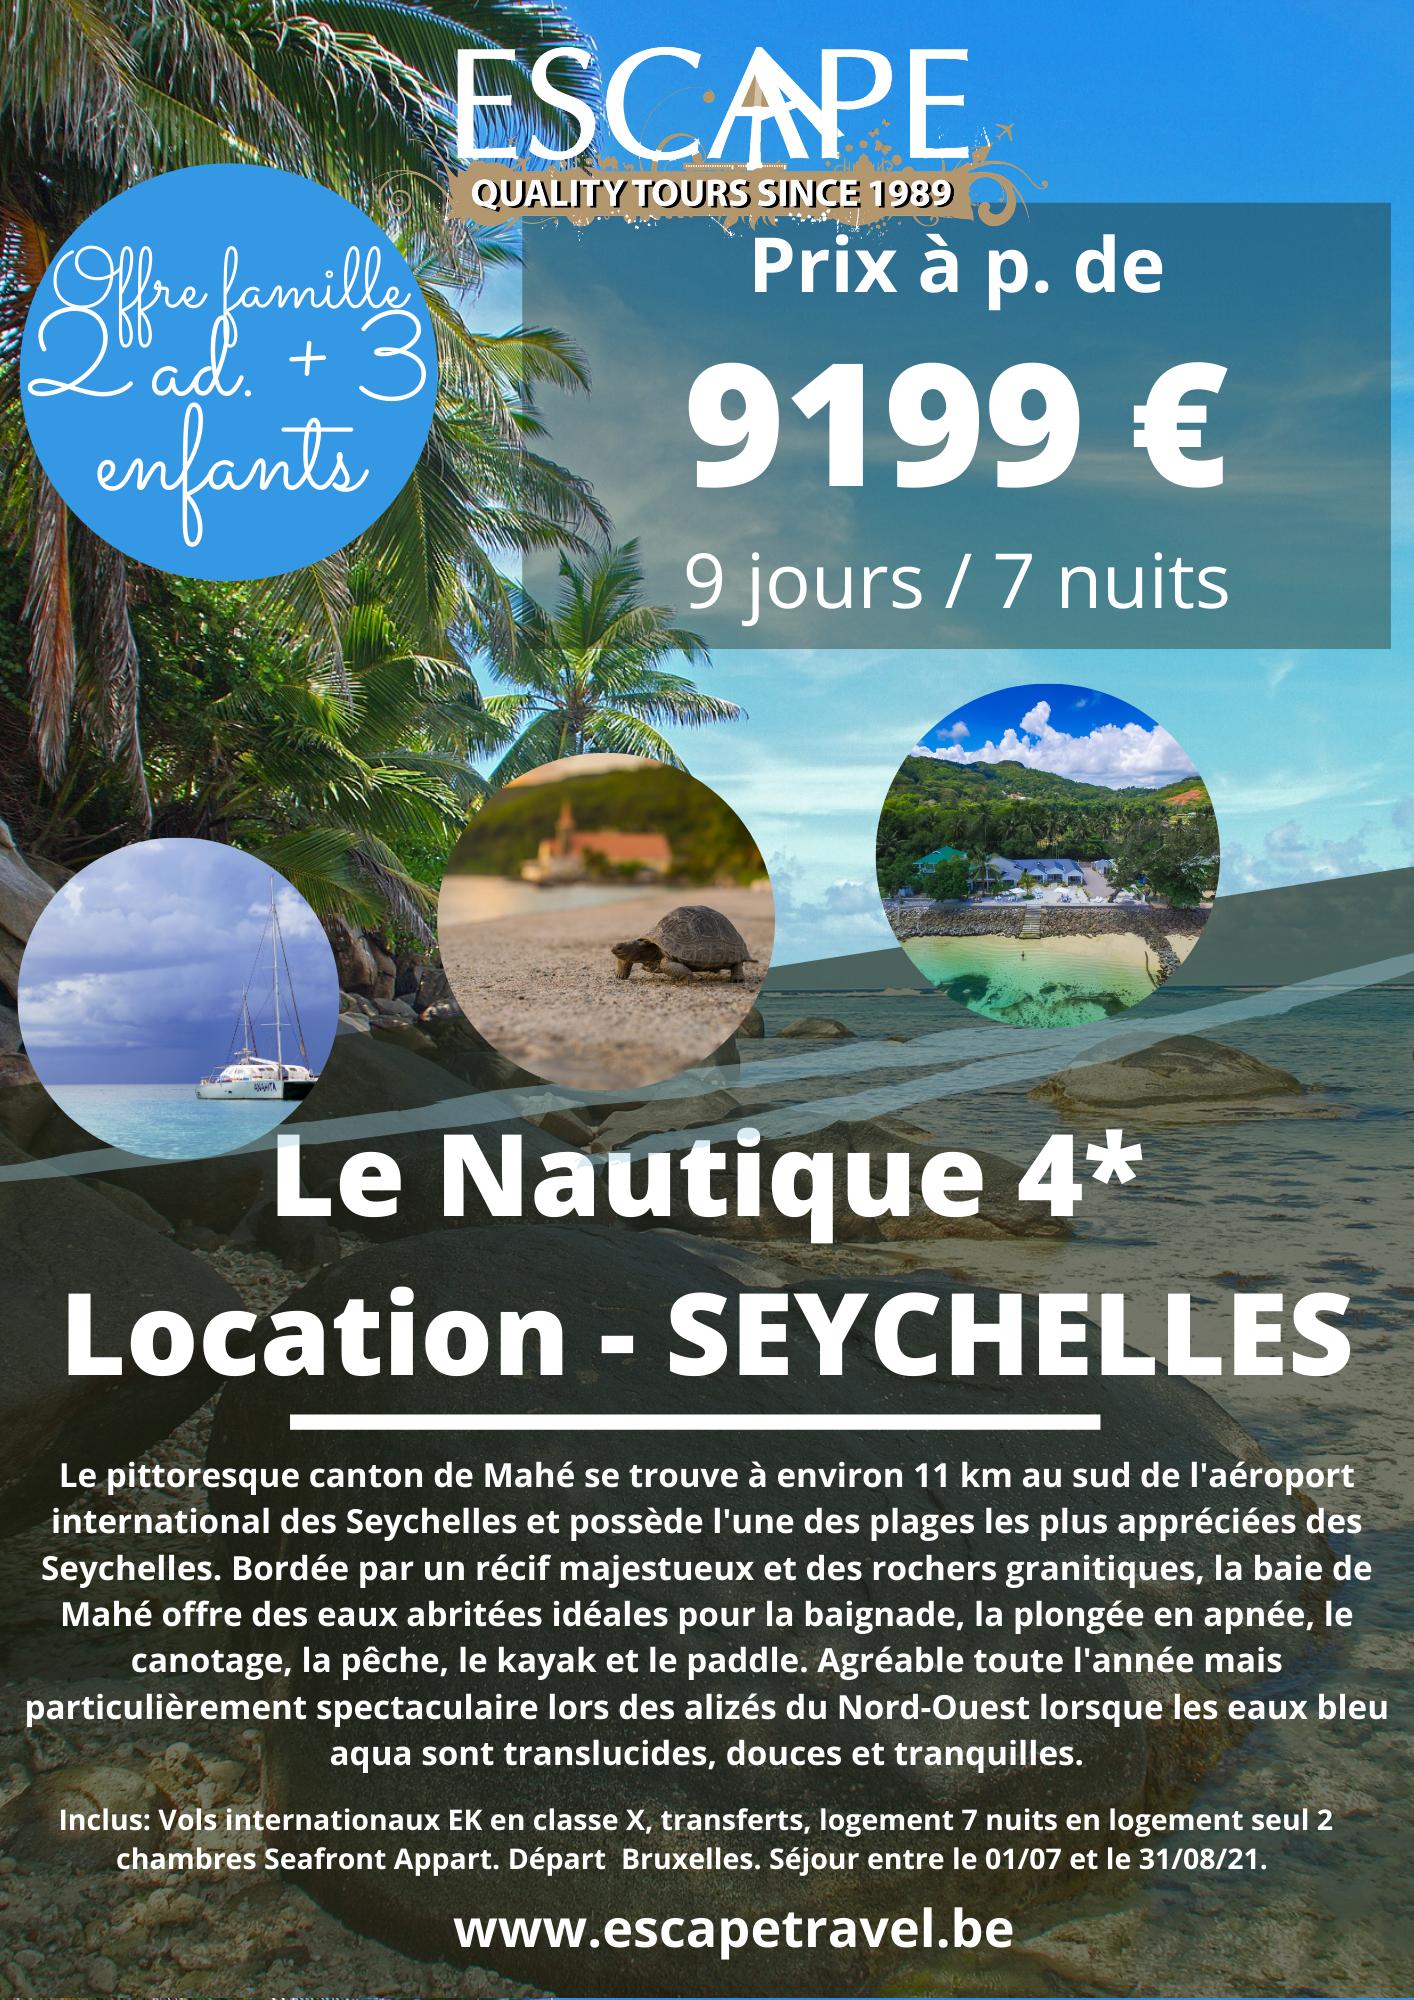 Le Nautique - Seychelles